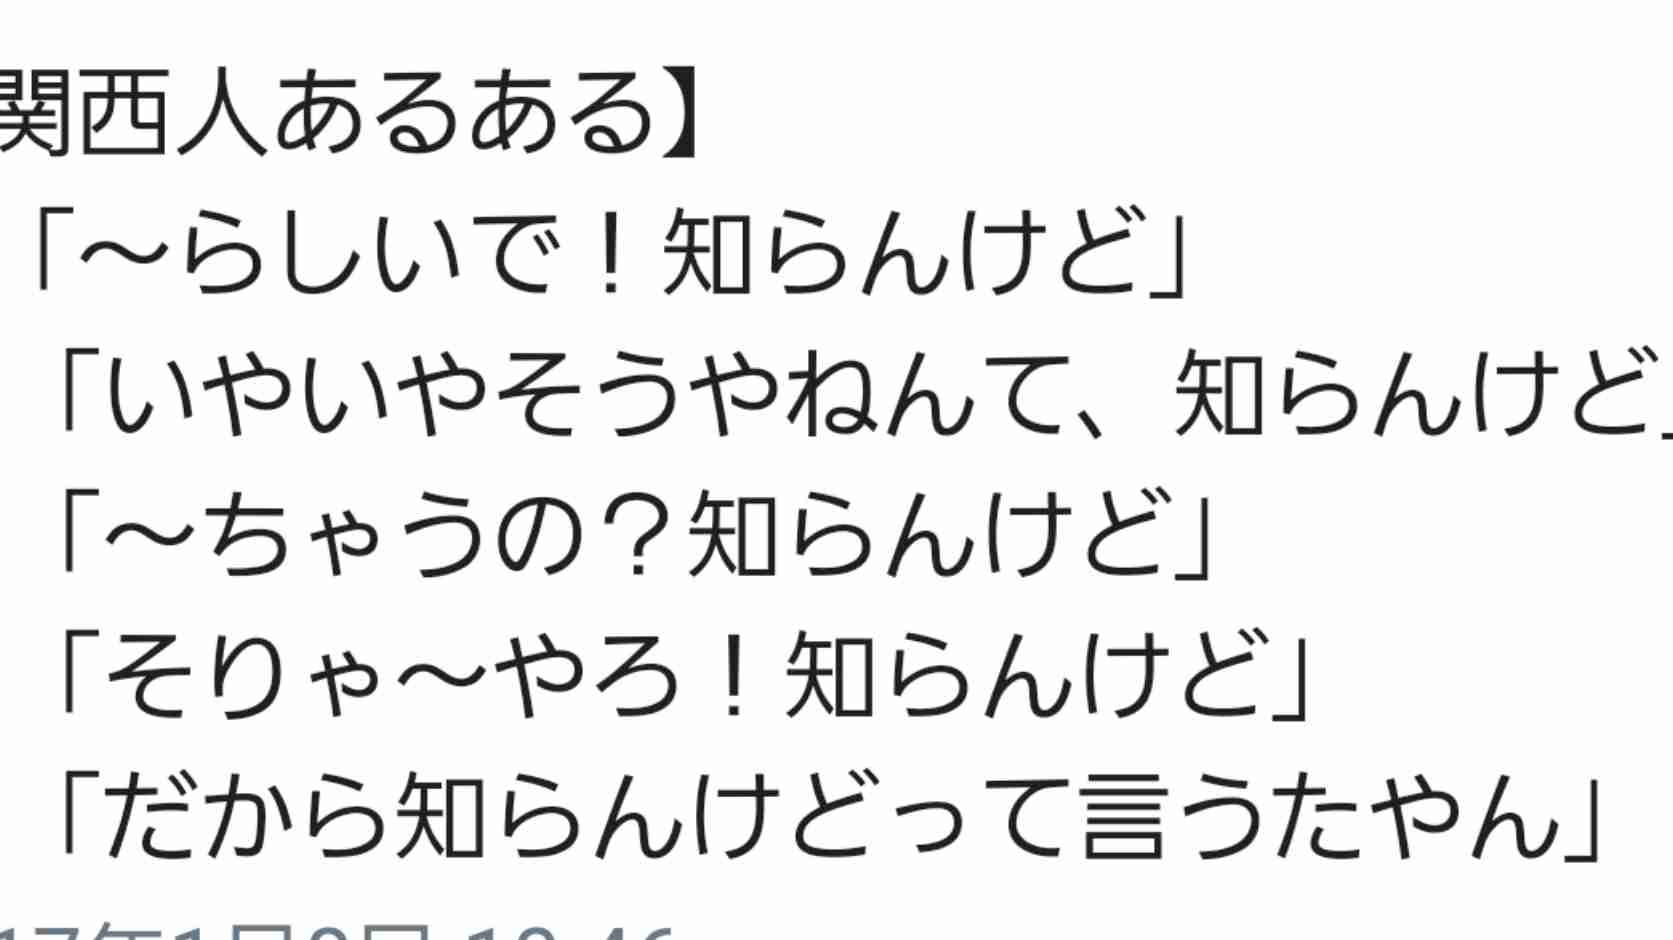 大阪と東京、お互いの印象は「お金持ちで生意気そう」「語尾がケンカ腰でイラつく」